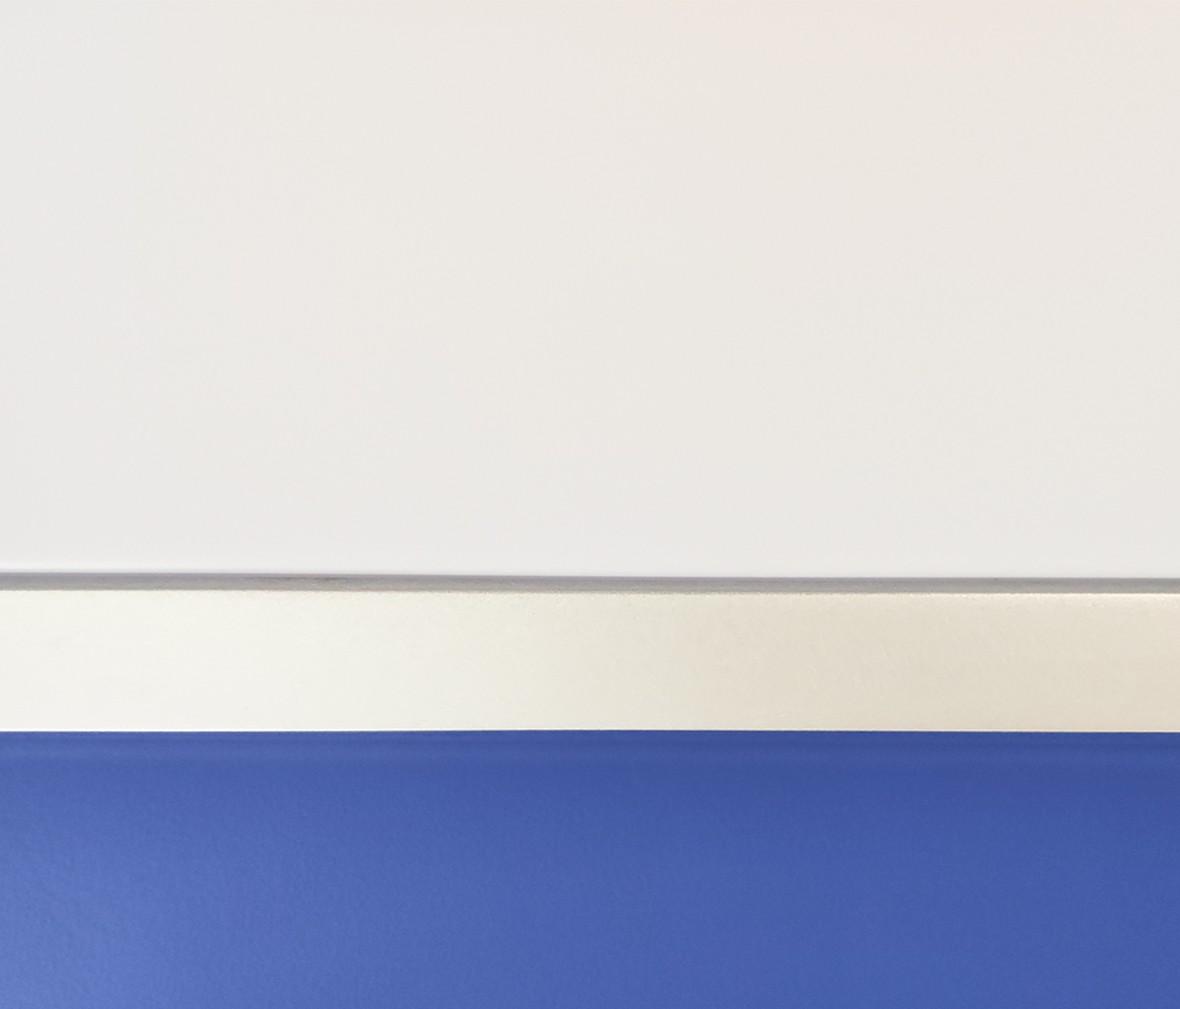 松下灯饰 HH-LA3090型号吸顶灯 亚克力材质简约风格客厅吸顶灯 图片、价格、品牌、评测样样齐全!【蓝景商城正品行货,蓝景丽家大钟寺家居广场提货,北京地区配送,领券更优惠,线上线下同品同价,立即购买享受更多优惠哦!】